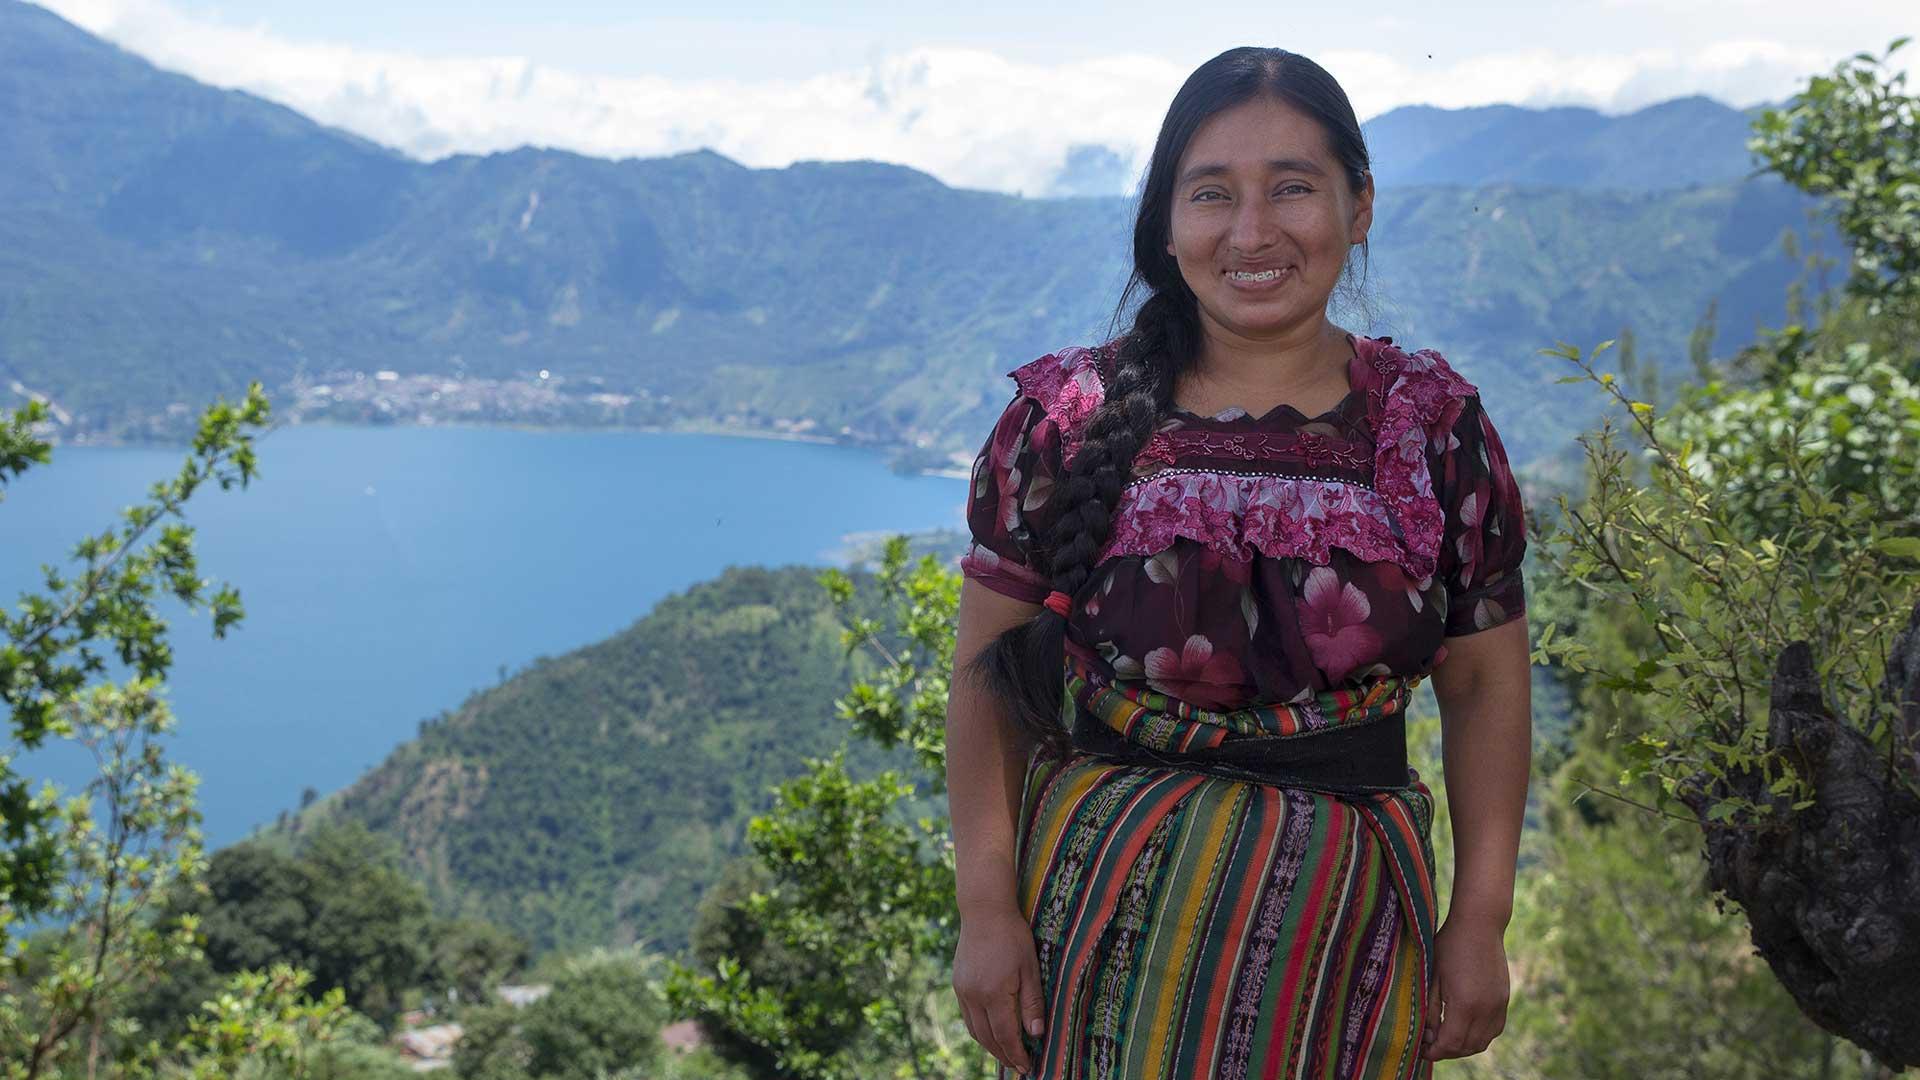 Cruz, 28, tillverkar fairtrade-smycken åt Wakami i Guatemala